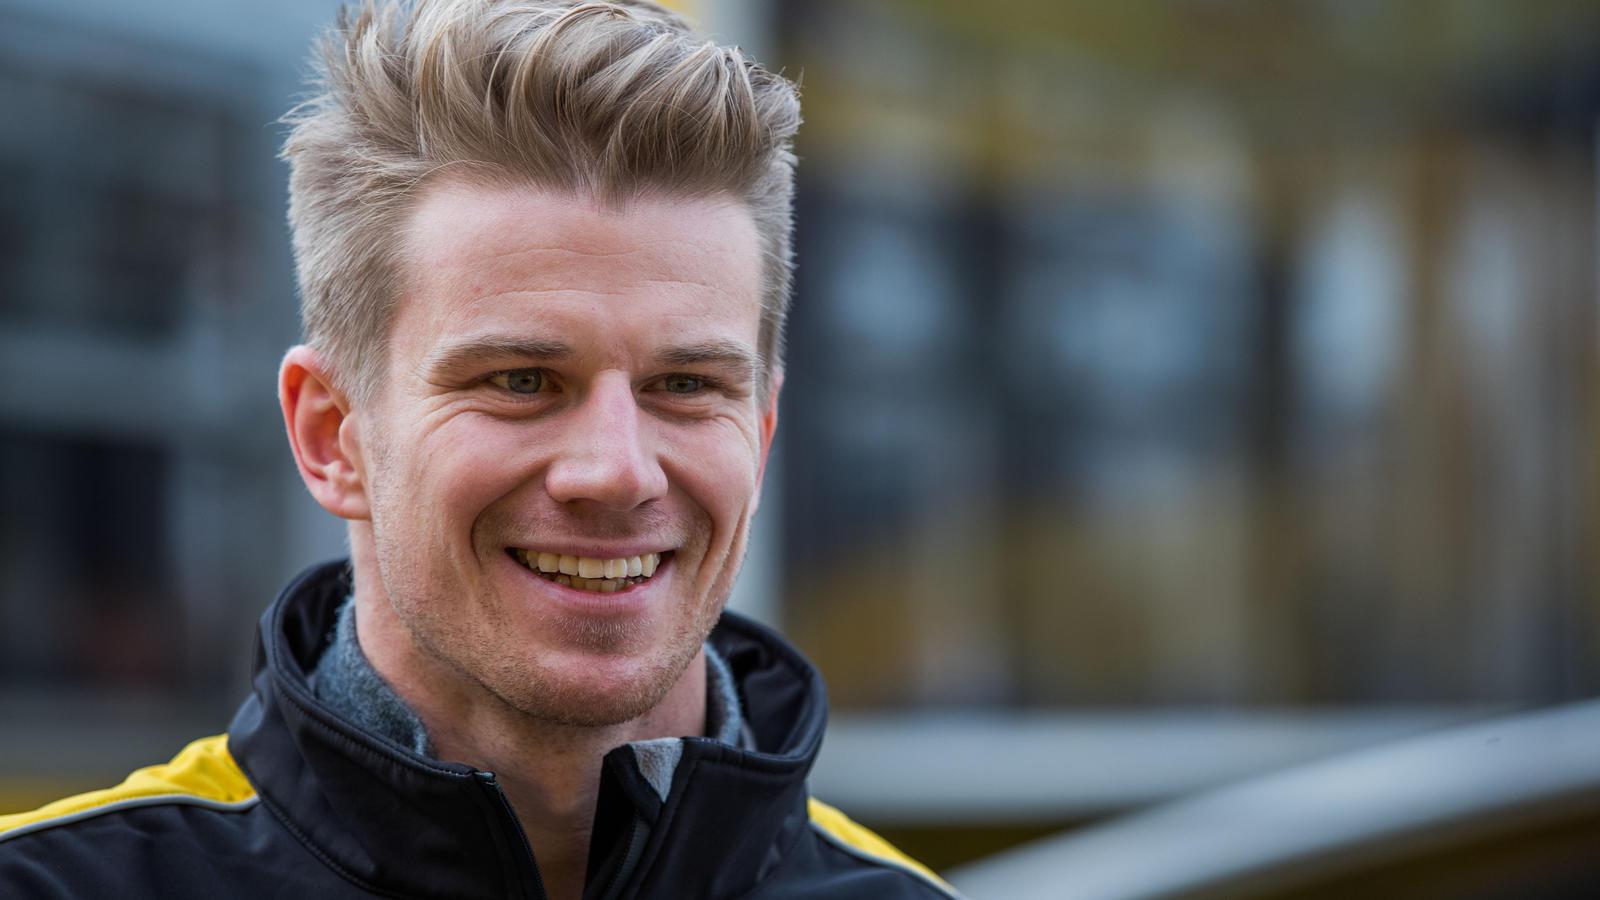 Formel 1 - Nico Hülkenberg vor Mercedes-Unterschrift: Toto Wolff deutet Deal an - RTL Online